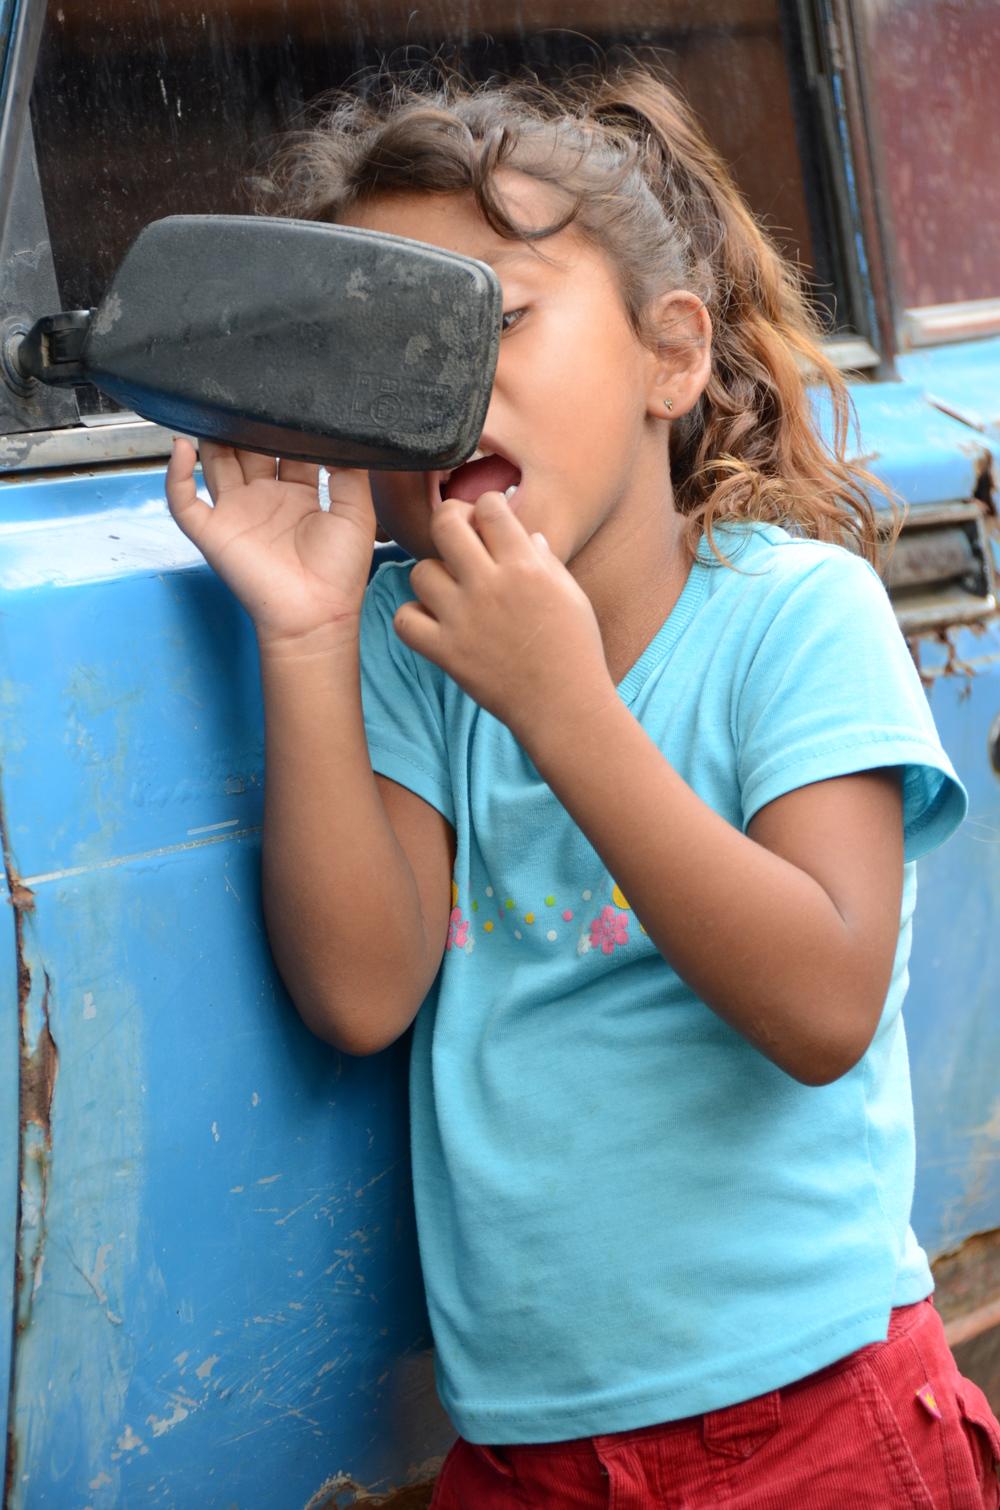 La sobrina de Yadira, Tamara, se revisa un diente flojo en el espejo retrovisor (2012). Foto de Elizabeth Kay.